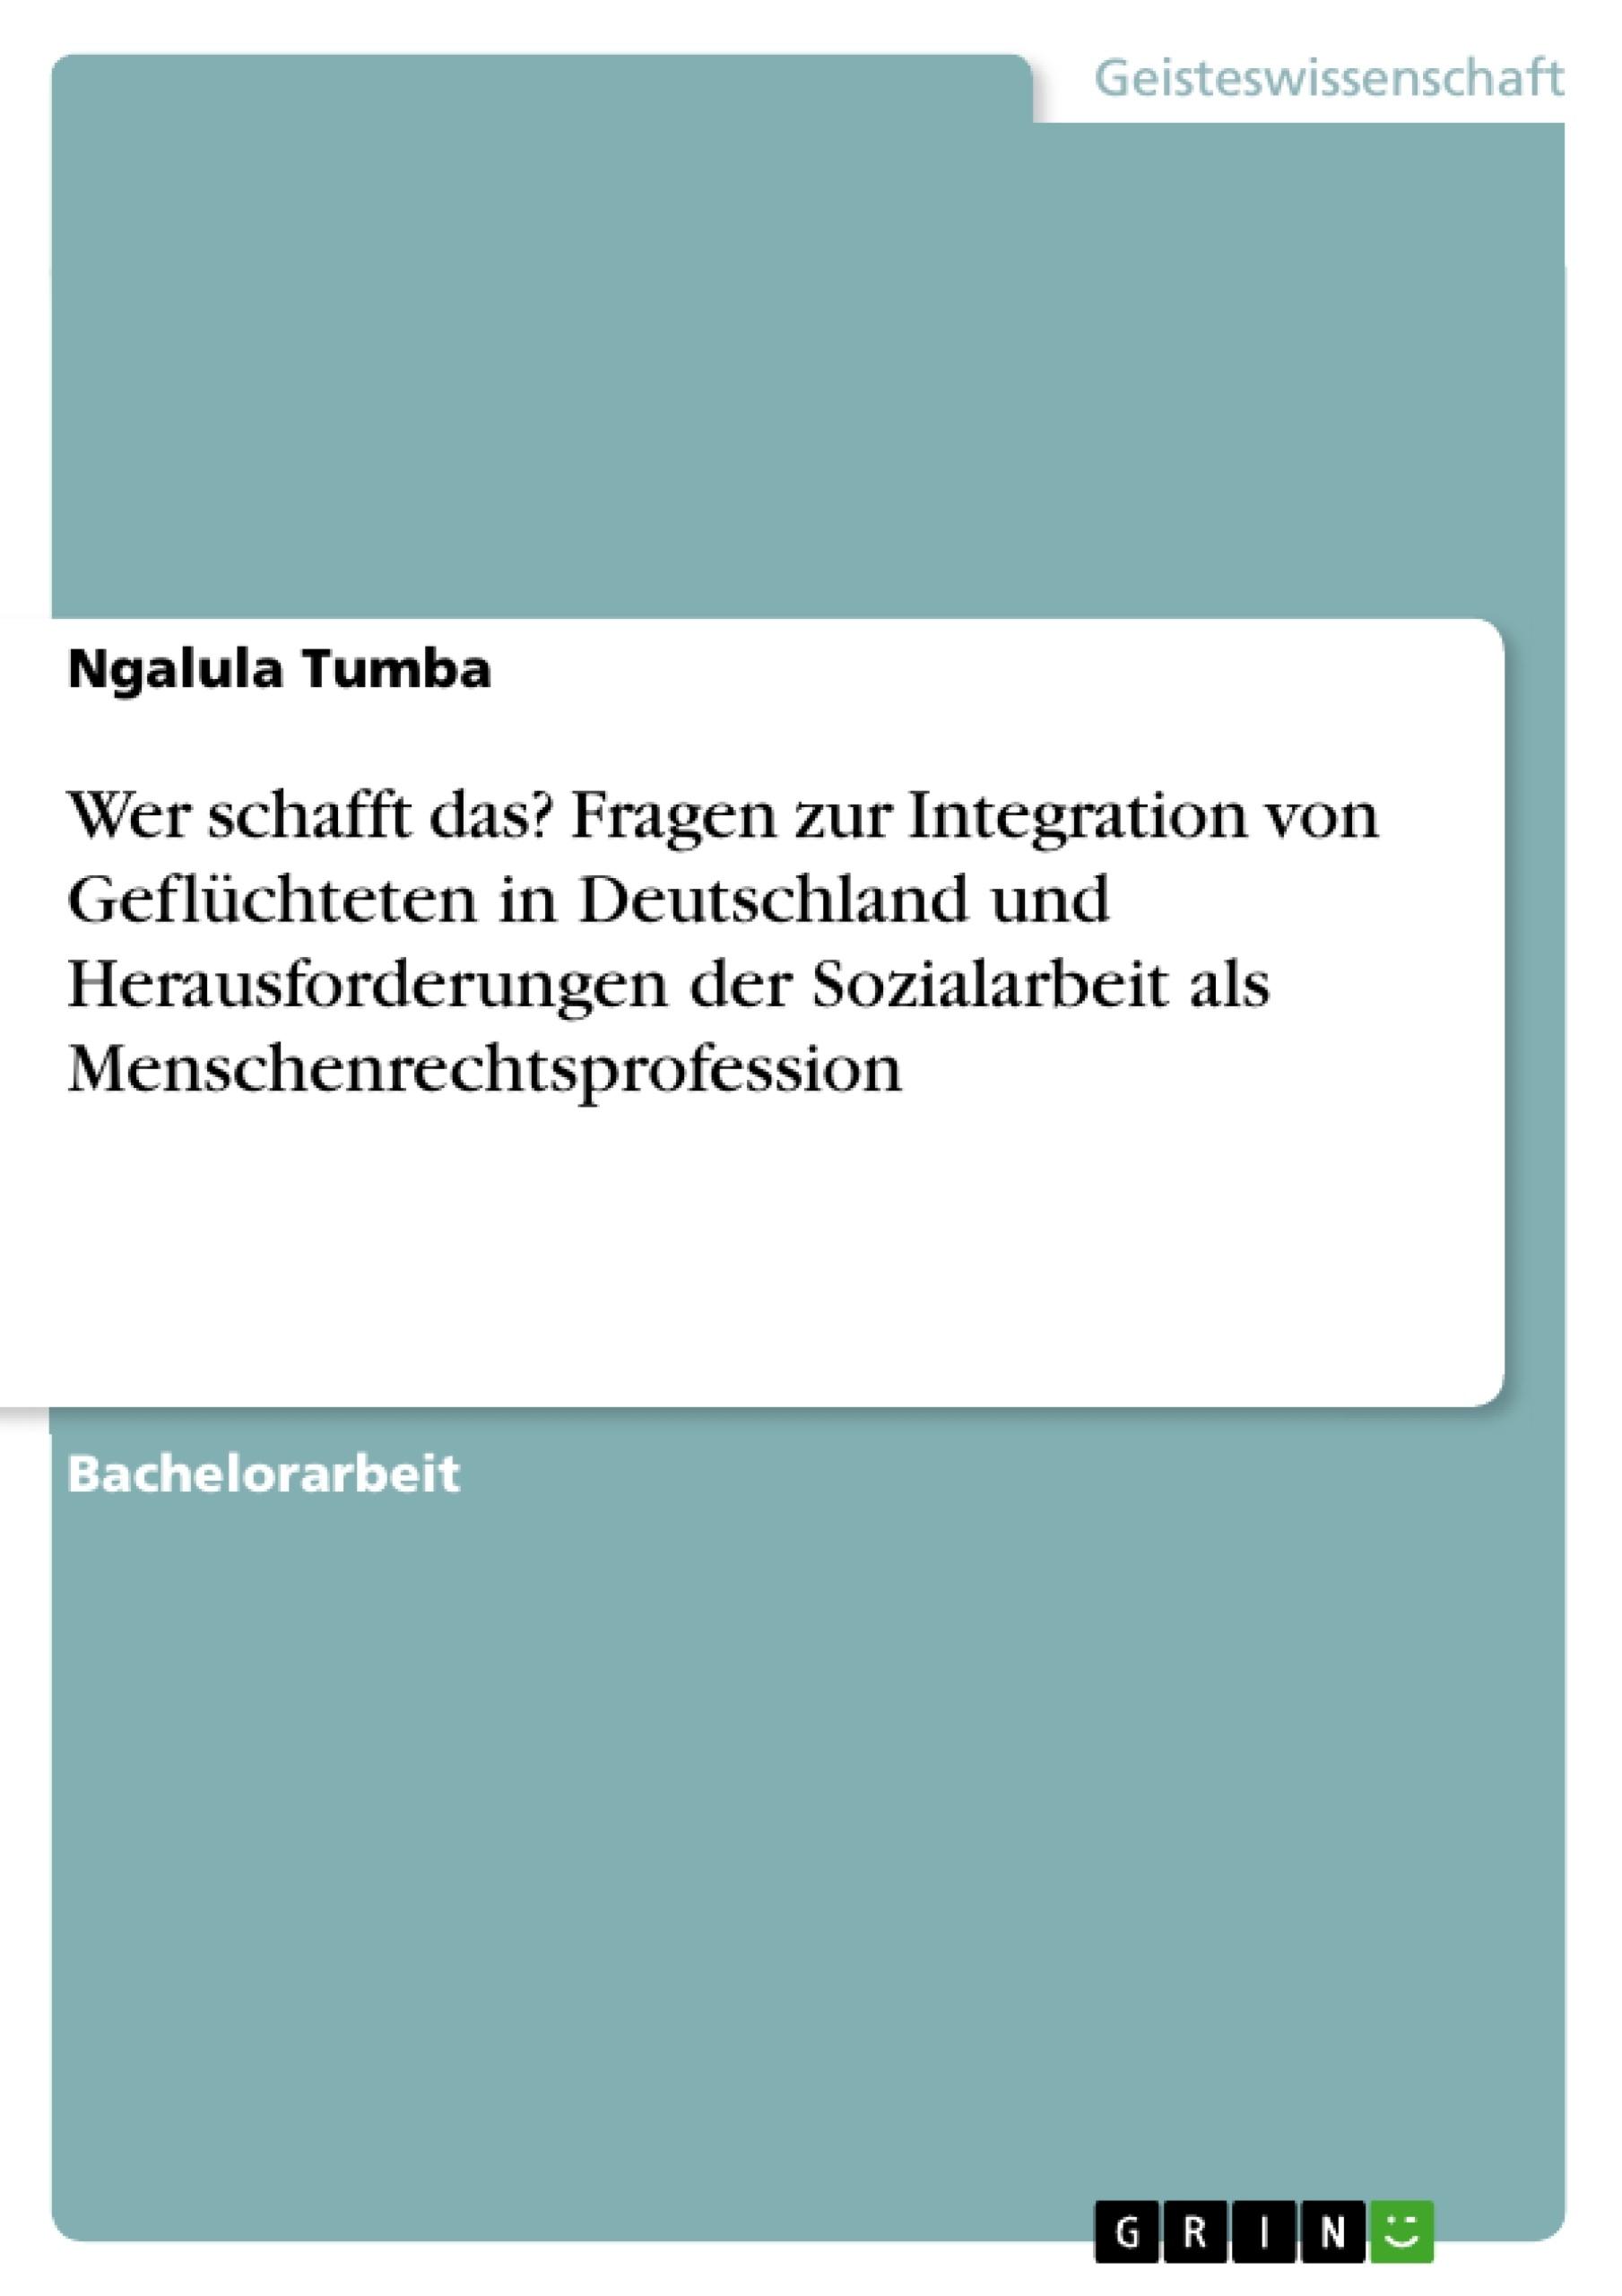 Titel: Wer schafft das? Fragen zur Integration von Geflüchteten in Deutschland und Herausforderungen der Sozialarbeit als Menschenrechtsprofession